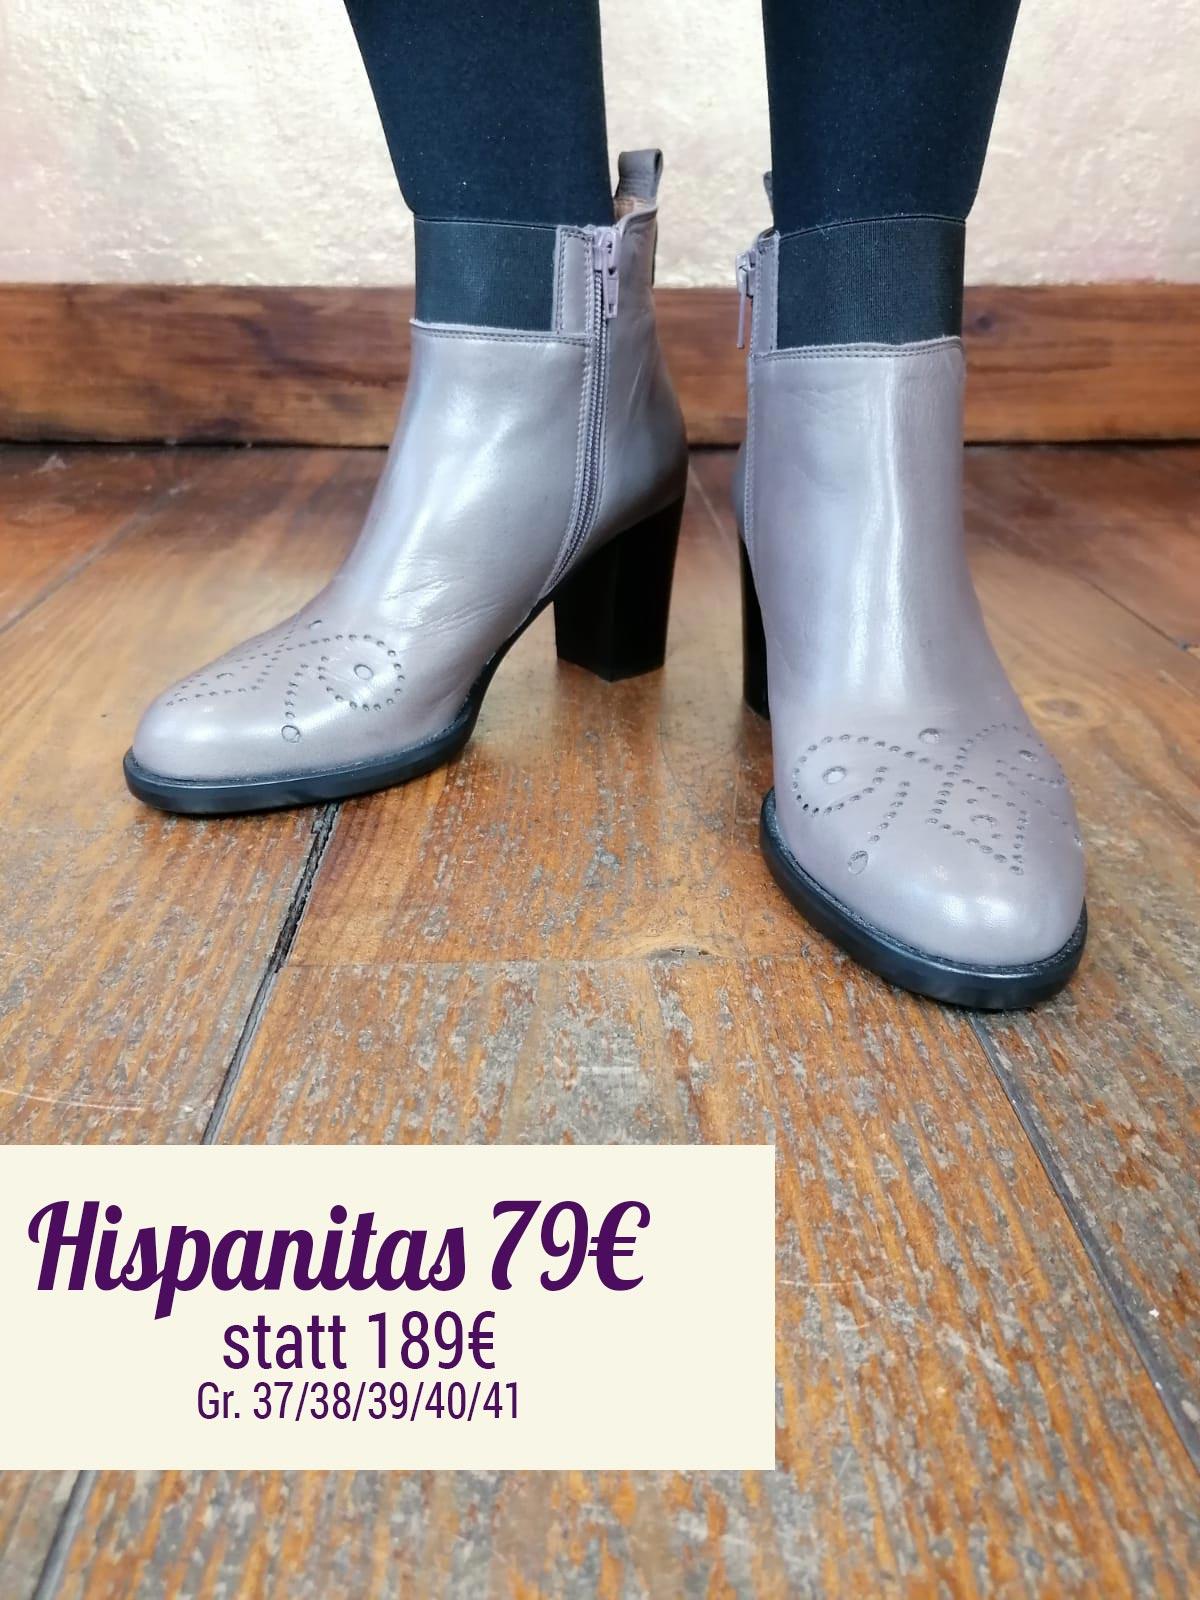 Hispanitas-Sauvage Vision Stiefelette